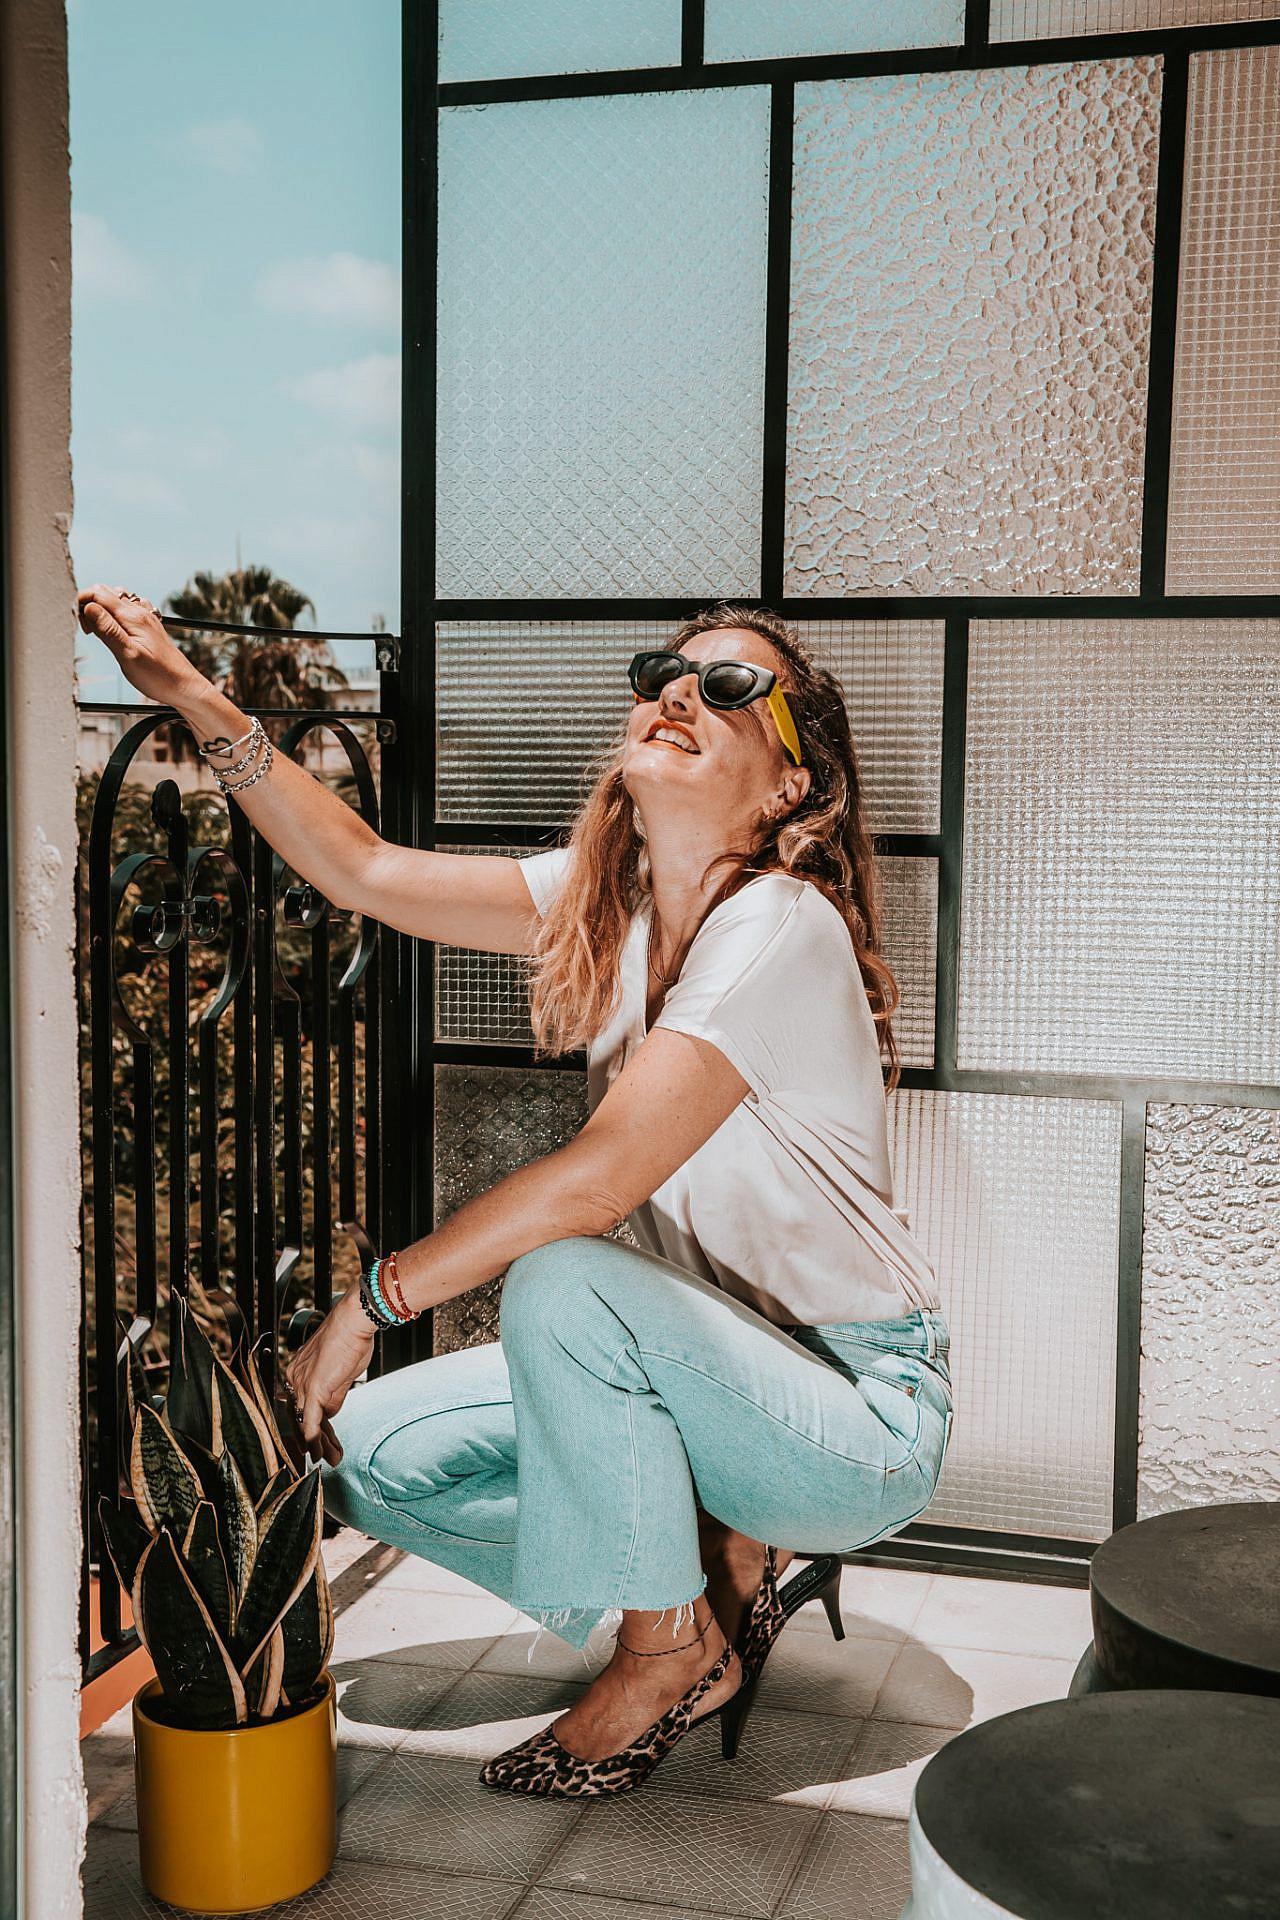 ריה טסלר (צילום: מיקה גורוביץ   ע. צלמת: אמבר אופיר, גל בומנדיל   צולם במלון בוטיק אסמבלאז')